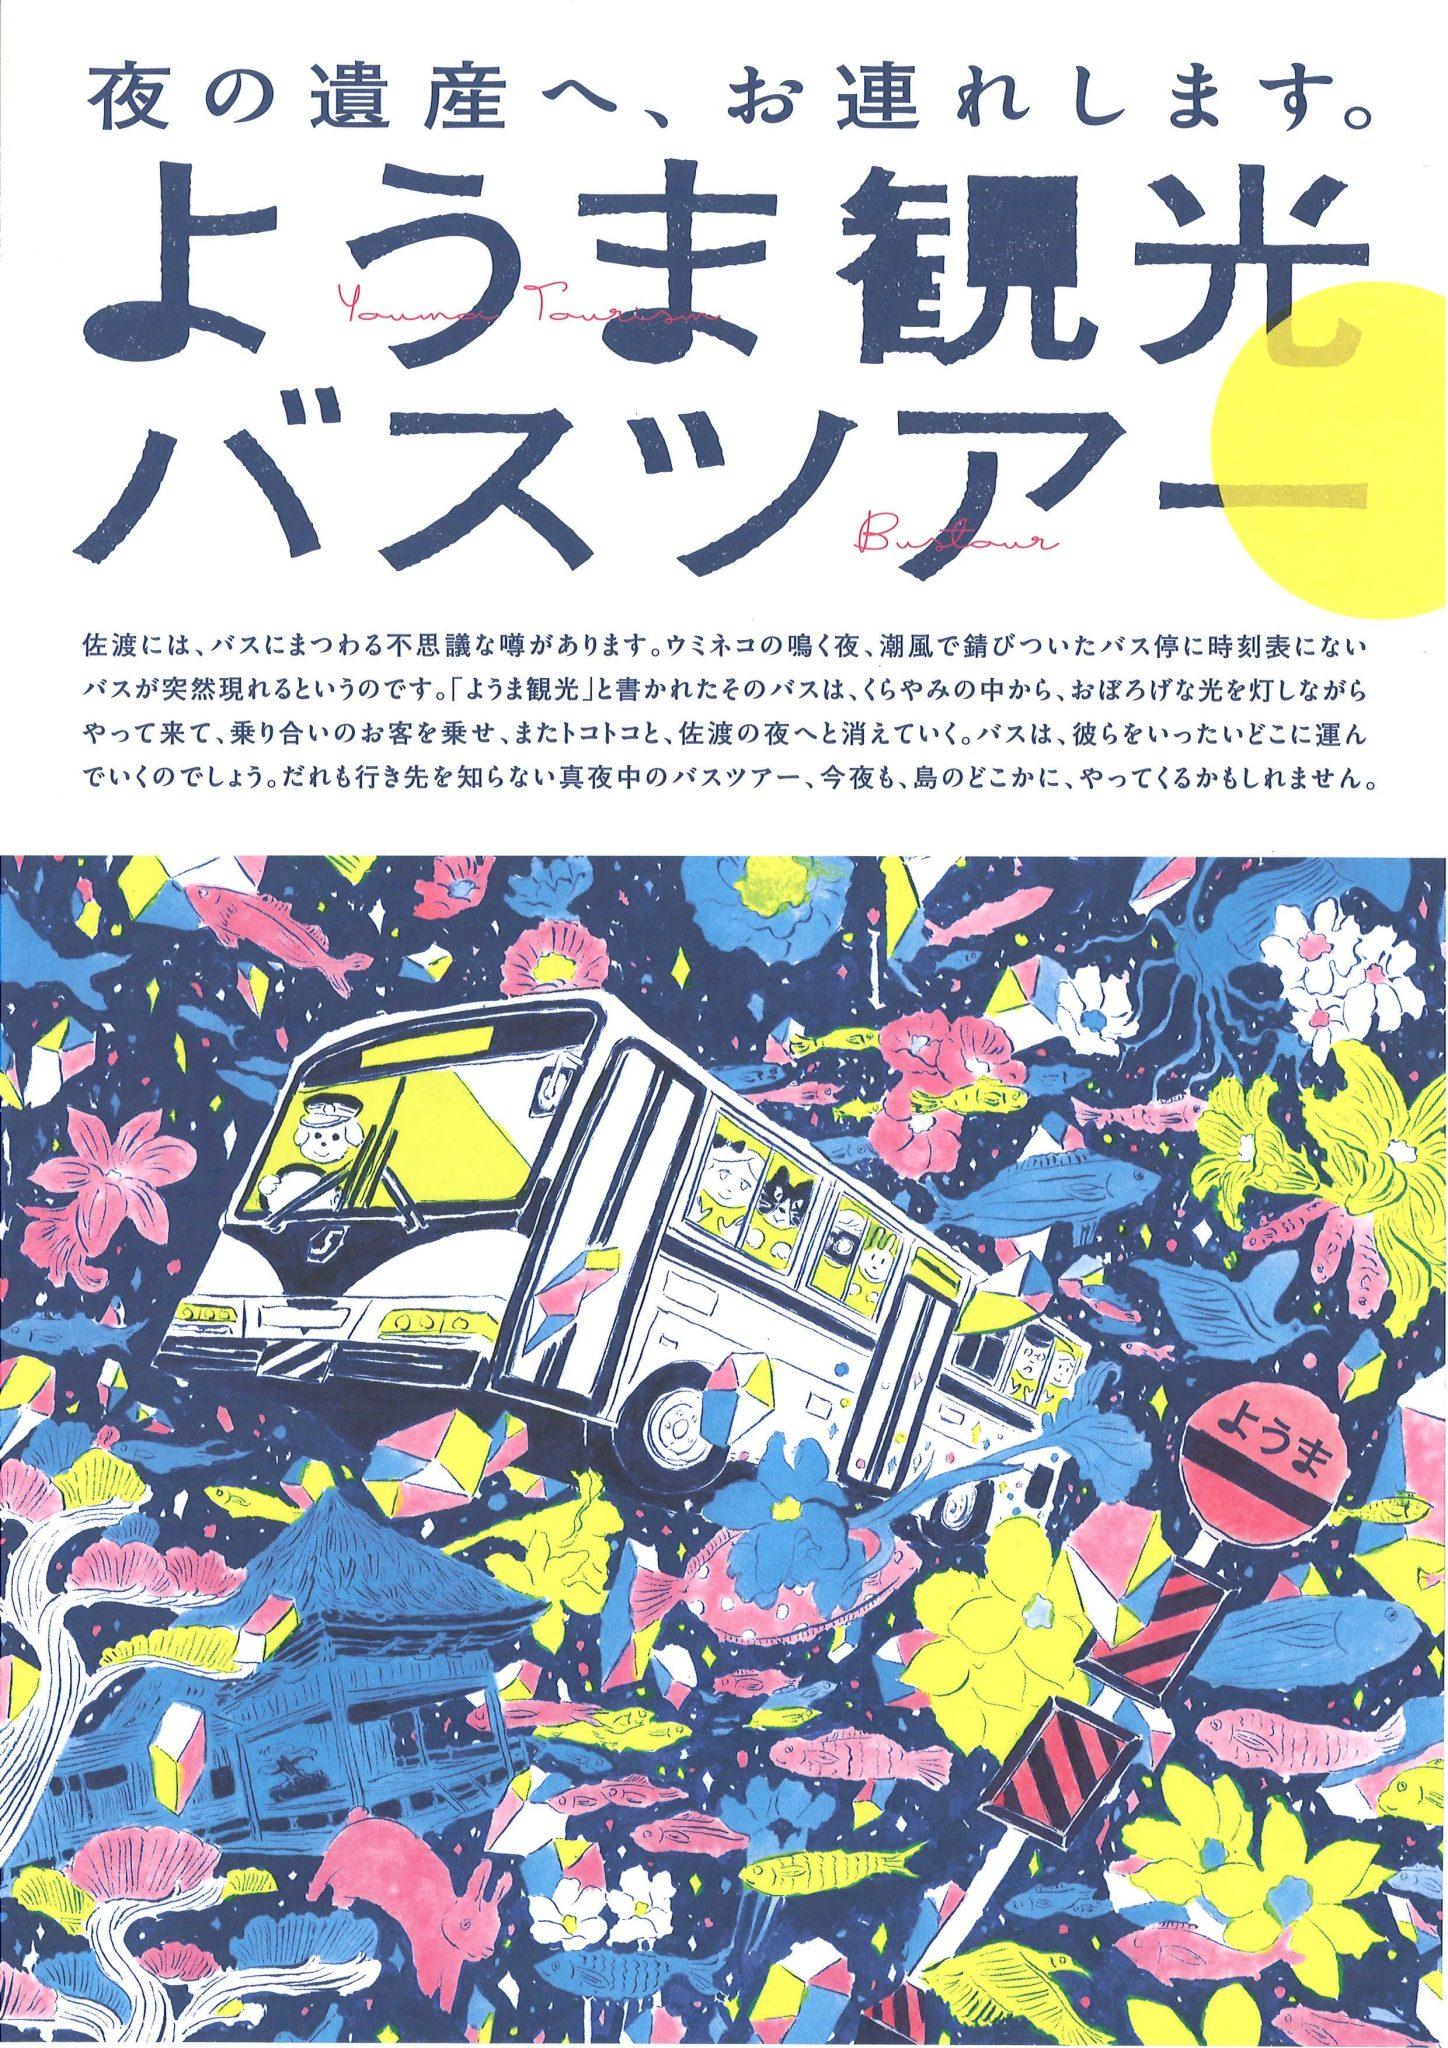 ようまバス観光ツアー